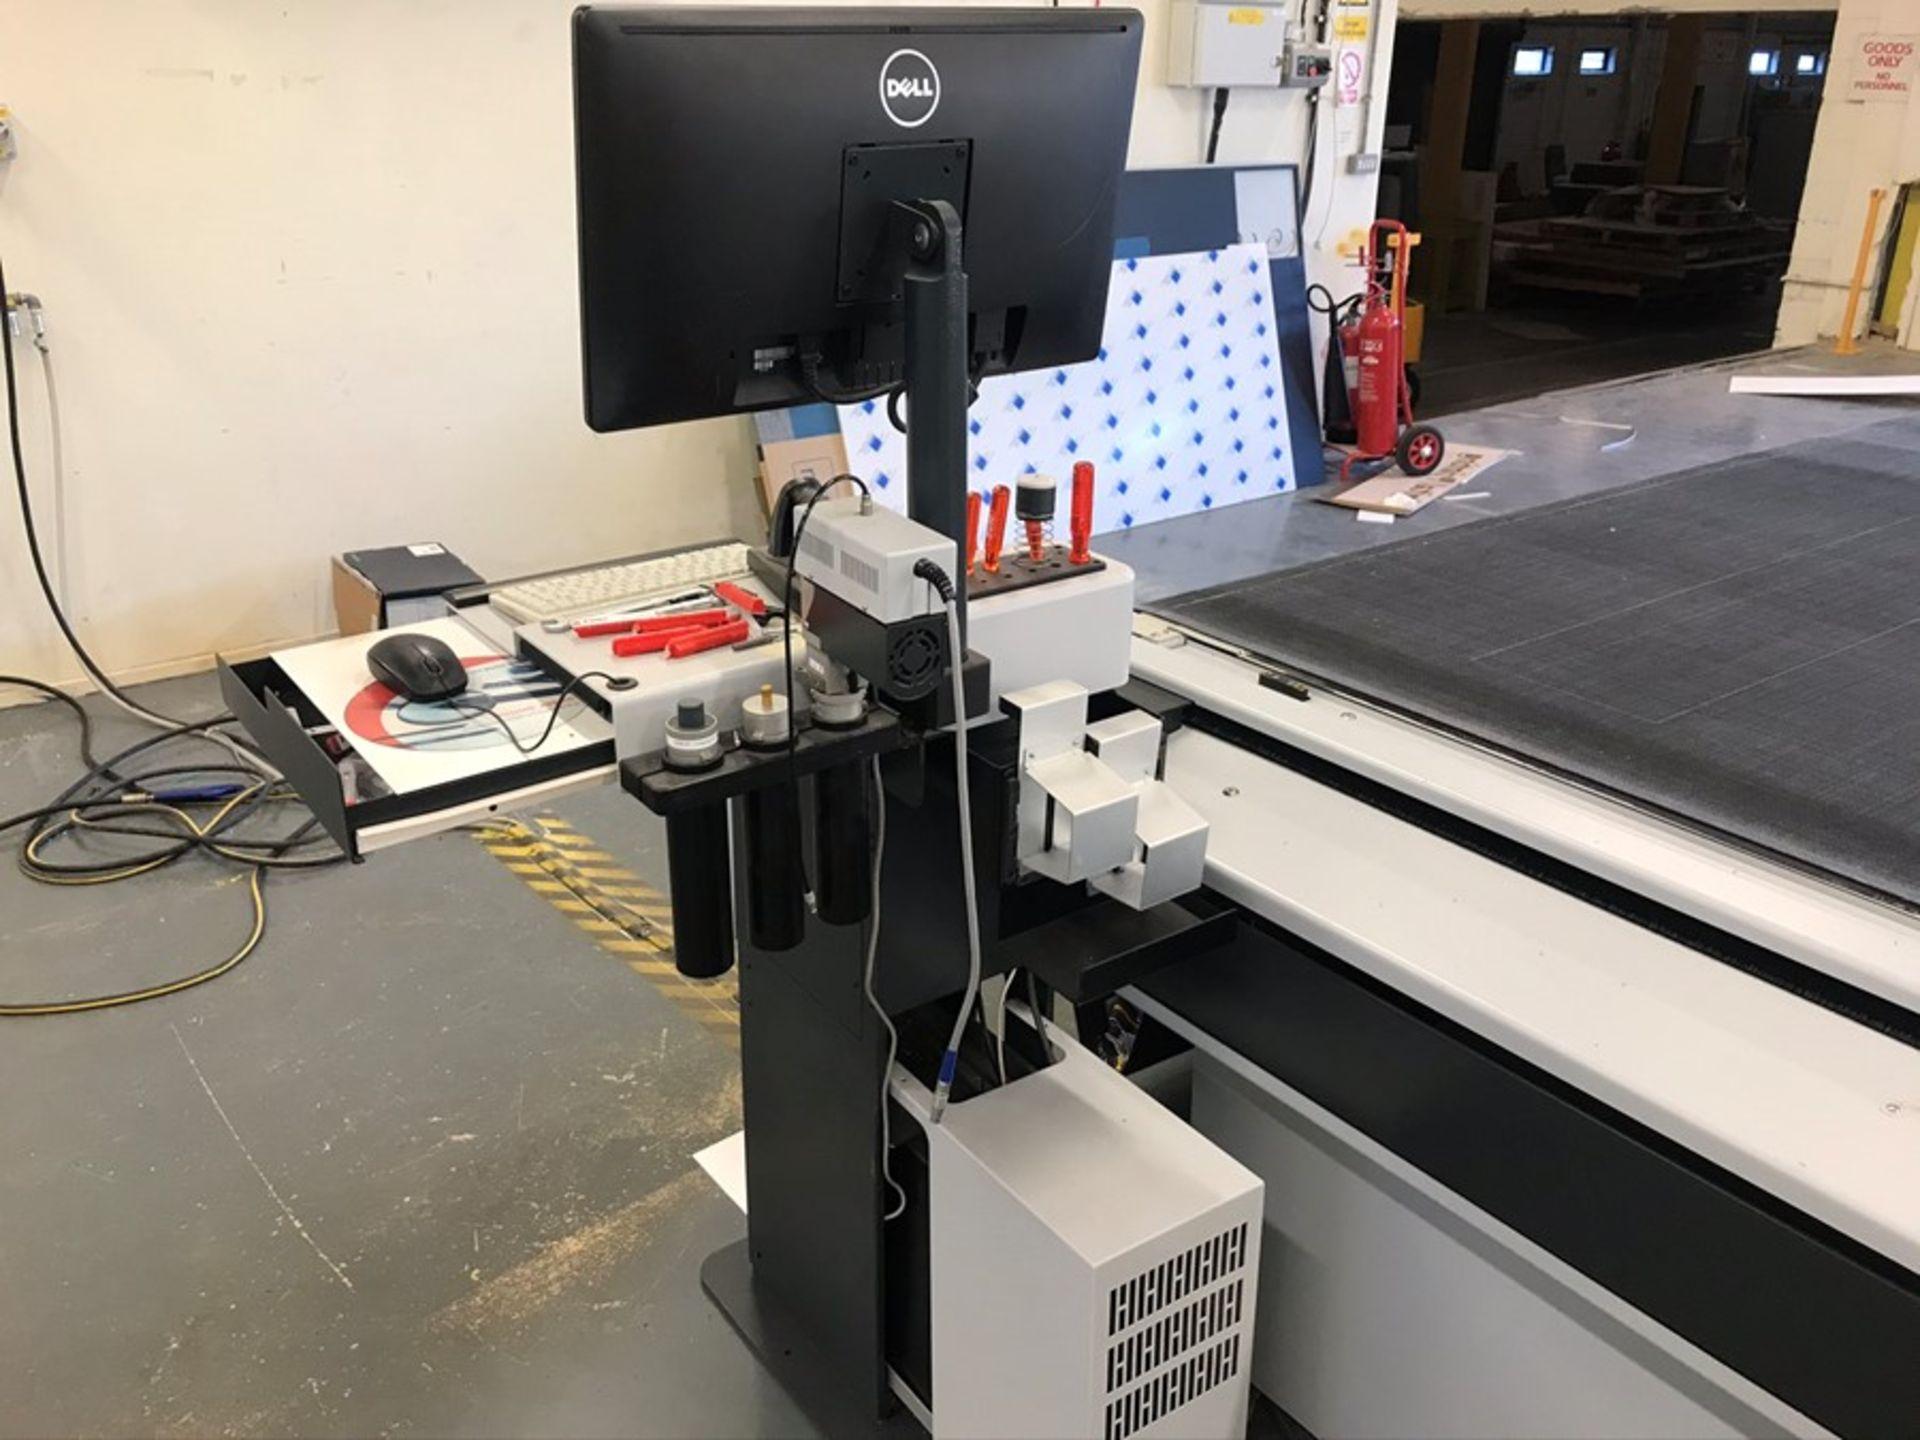 Zund G3 3XL-3200CV digital cutter (2014) - Image 11 of 37